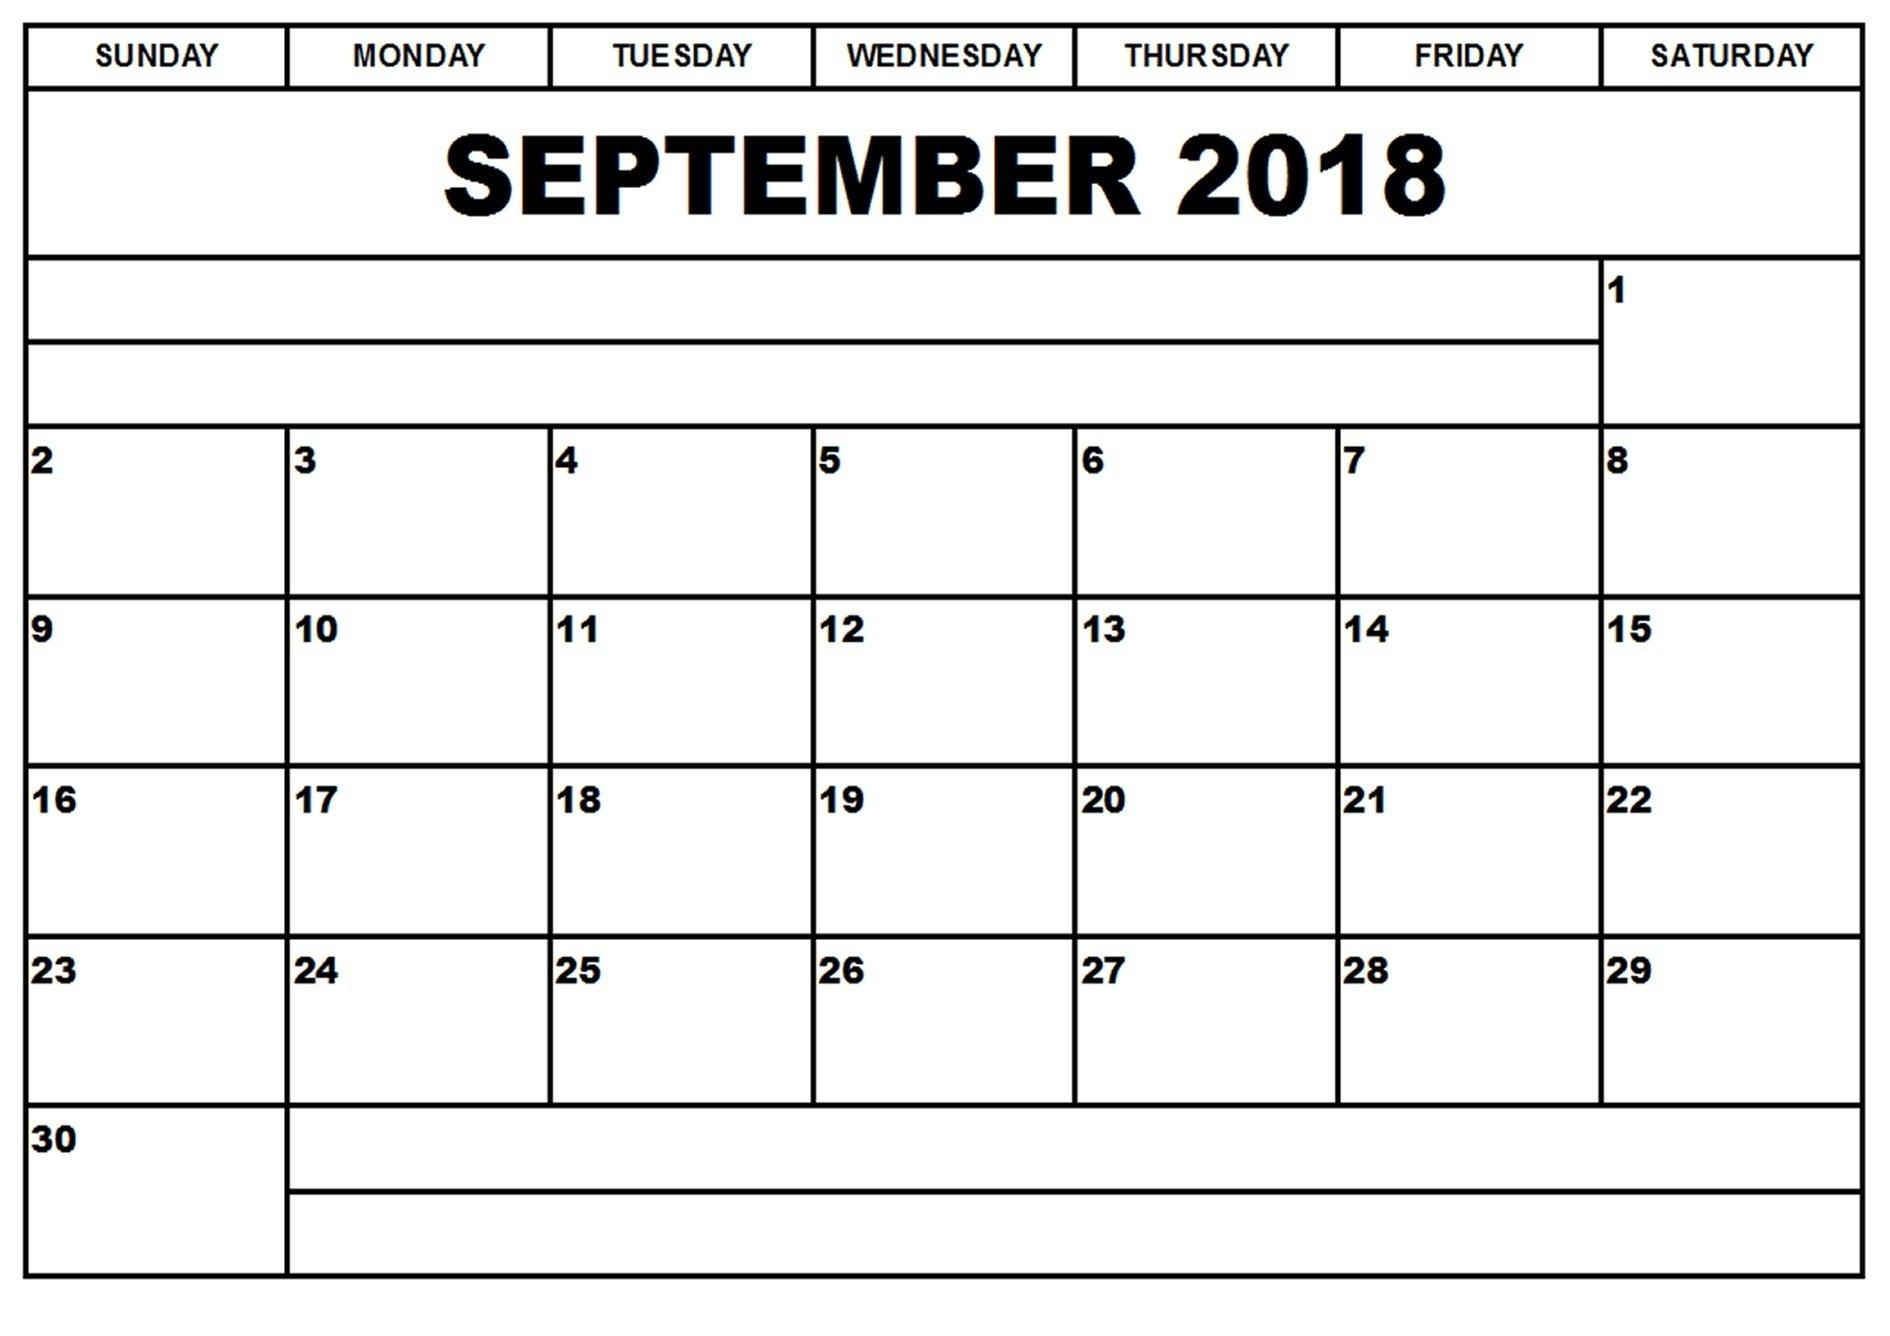 Printable Calendar Sunday Through Saturday | Ten Free Free Sunday Through Saturday Scheduling Calender